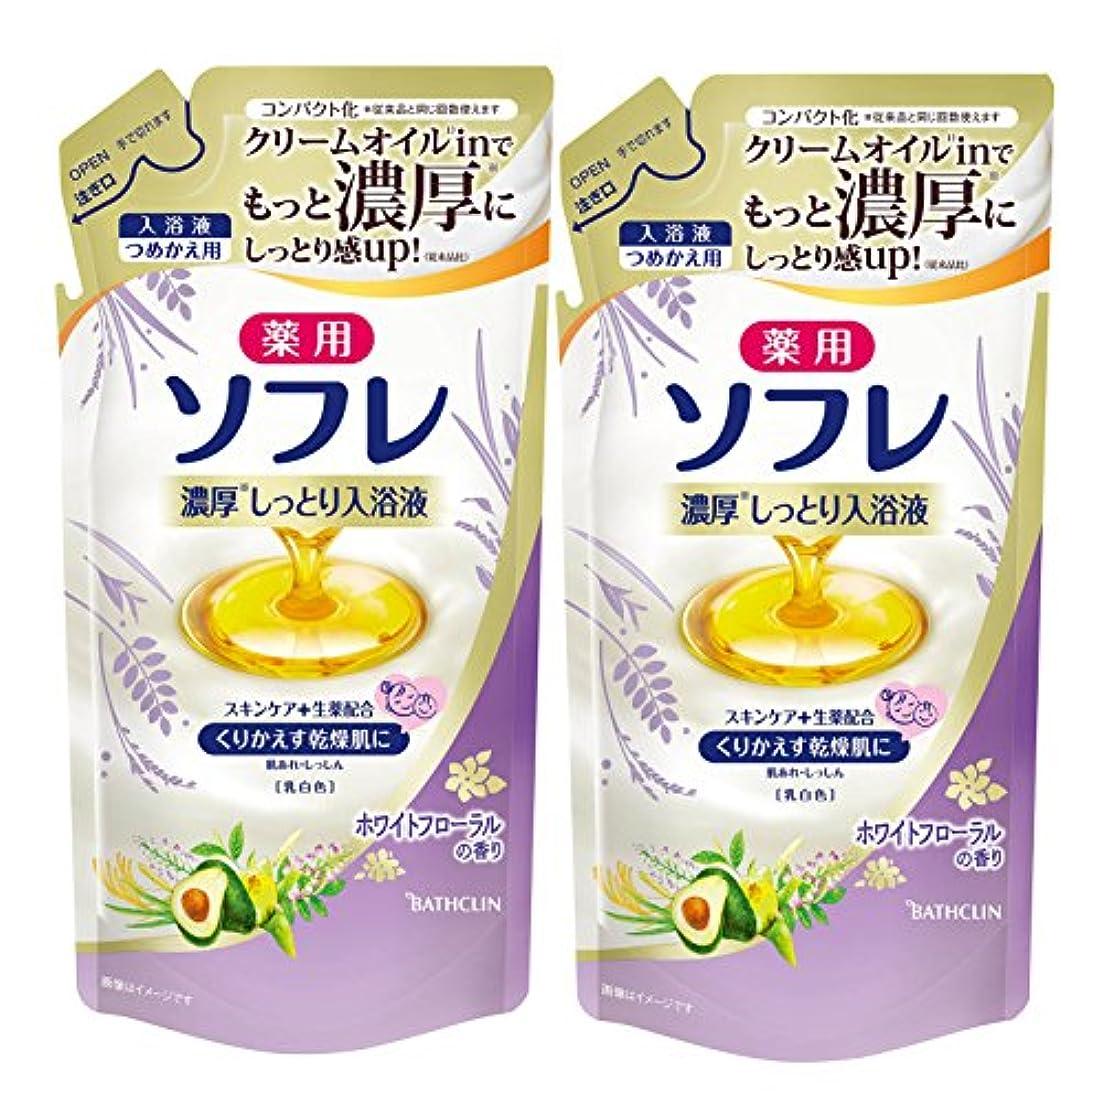 直径結果として助けになる【セット品】薬用ソフレ 濃厚しっとり入浴液 ホワイトフローラルの香り つめかえ用 400mL (医薬部外品) 2個セット